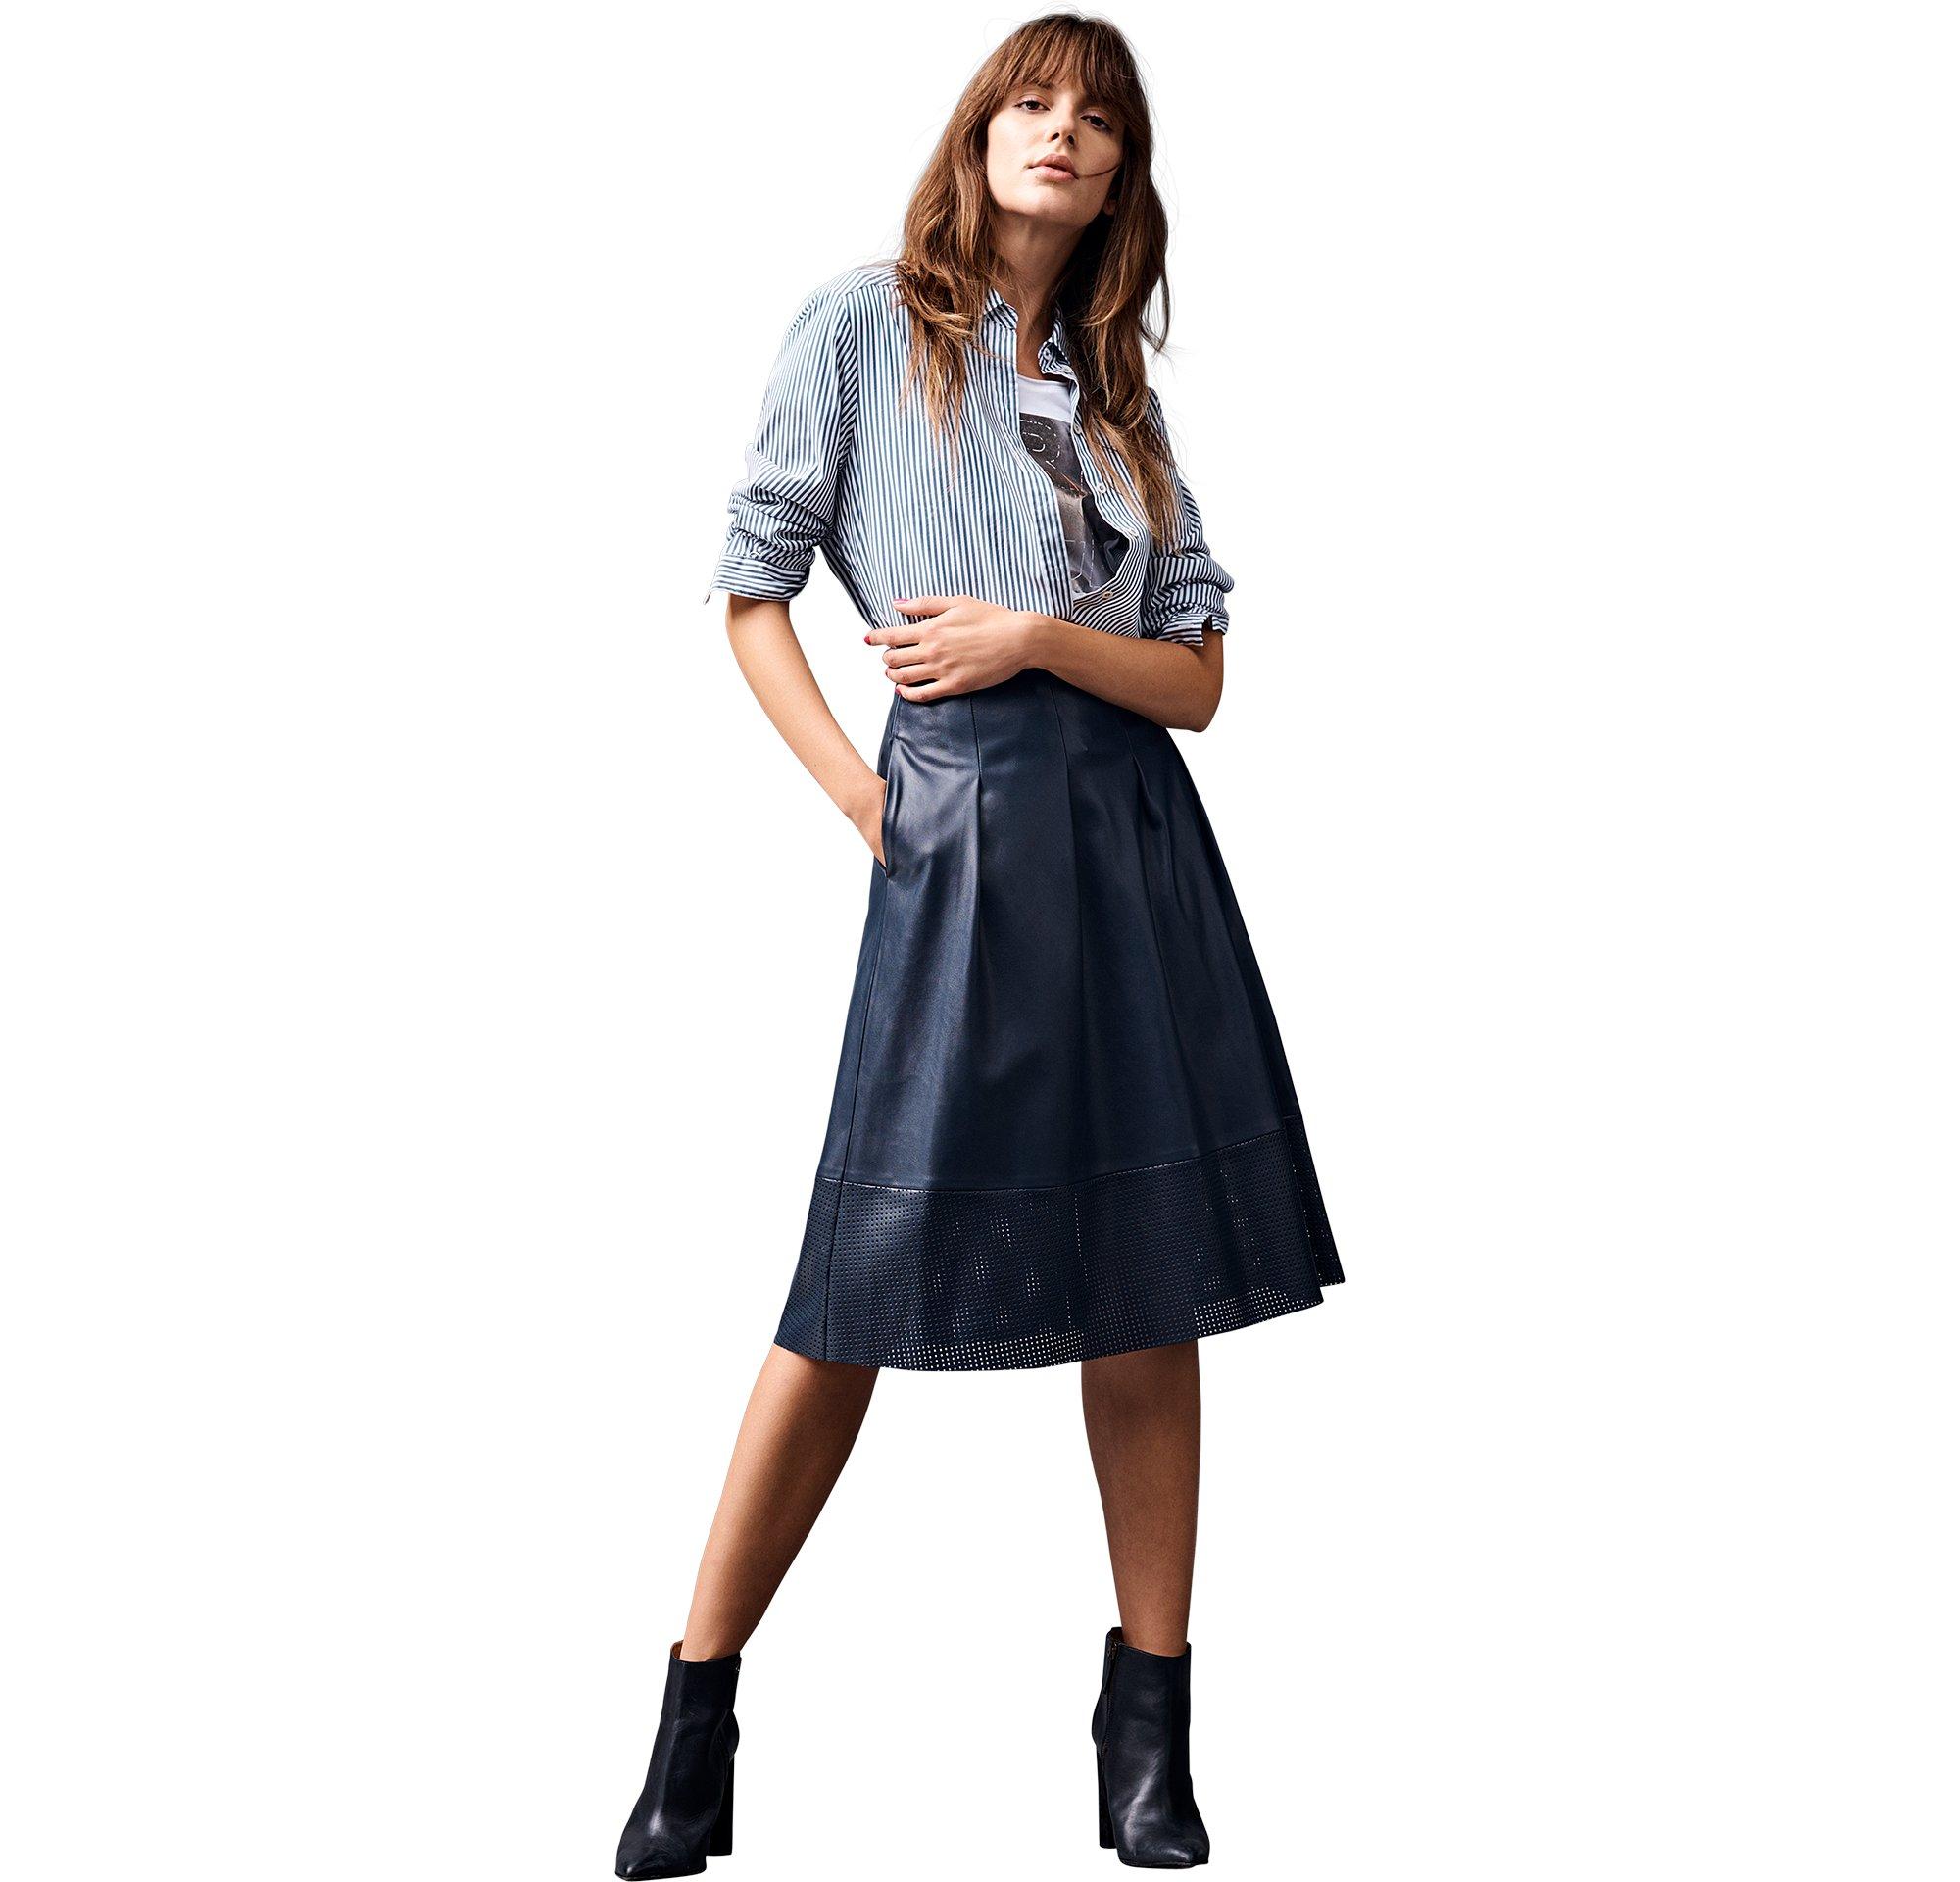 BOSS_ORANGE_Women_PF17_Look_28,